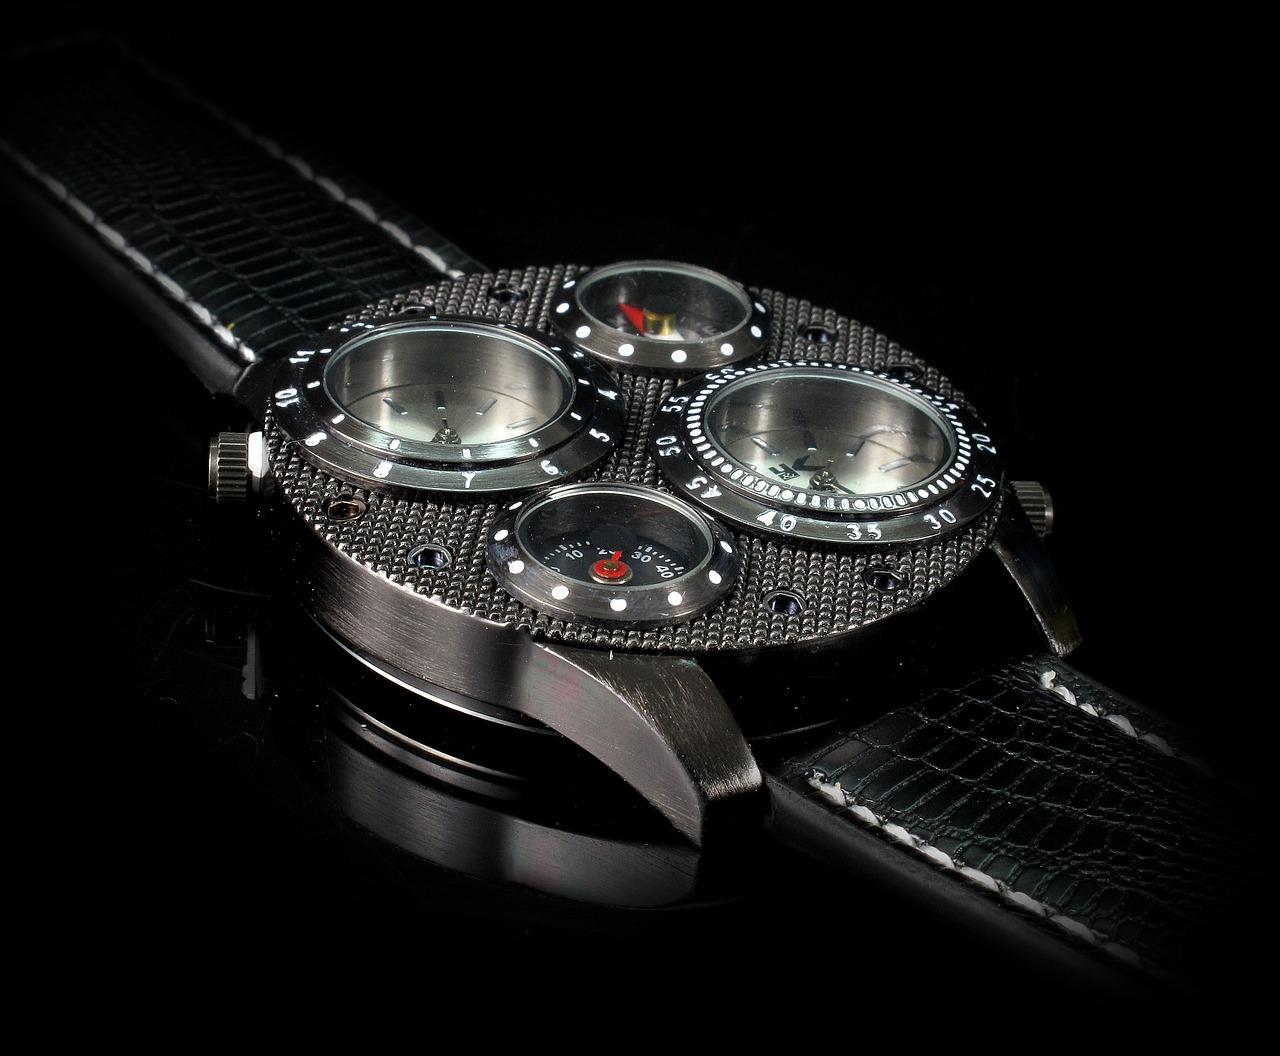 Orologi maschili: l'accessorio perfetto per un uomo d'affari.